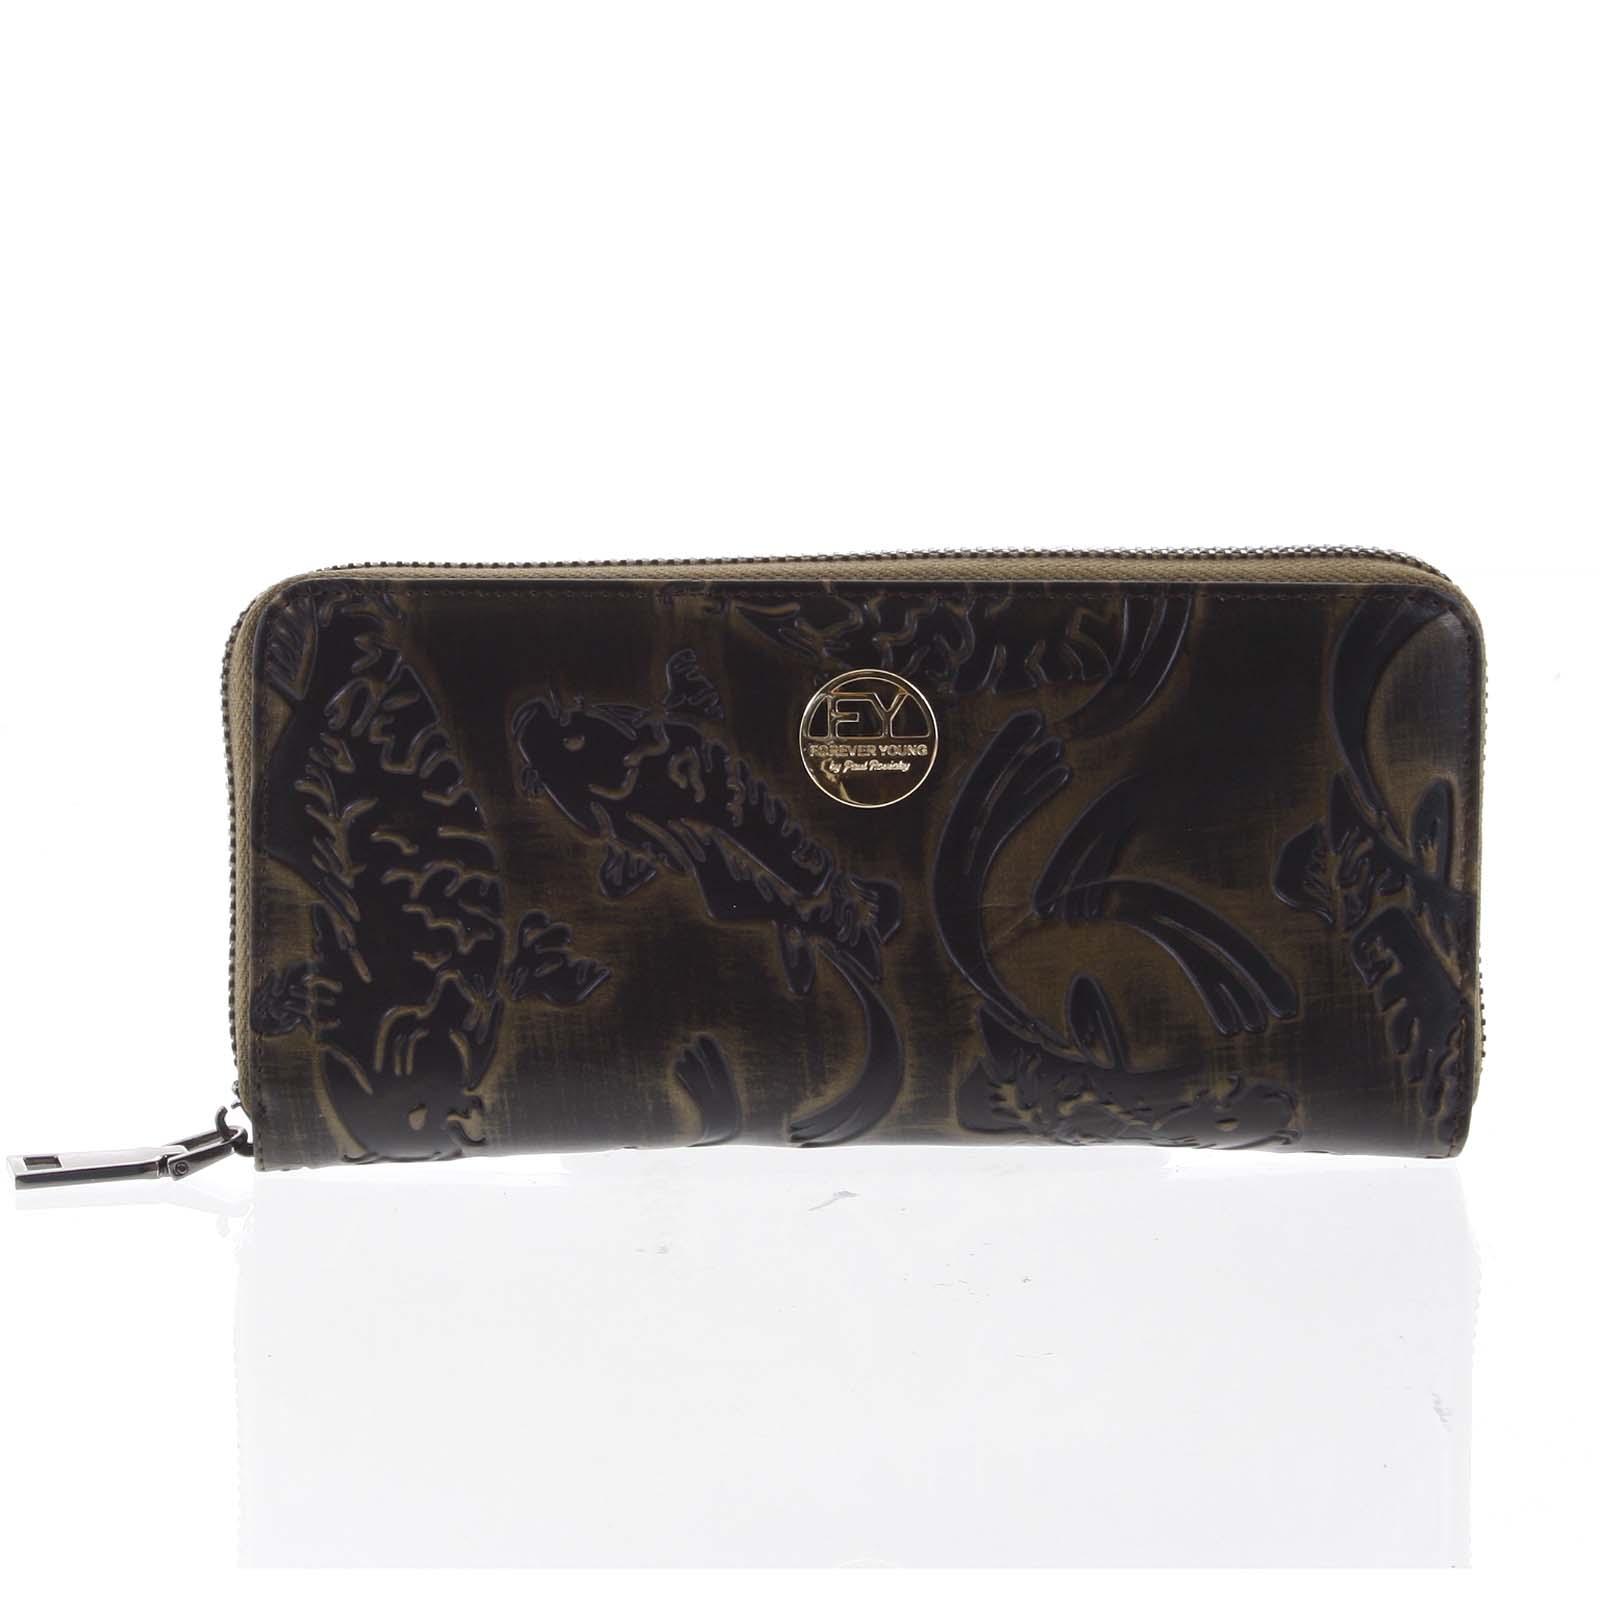 Luxusná dámska peňaženka púzdro medené - Rovicky 77006 zelená